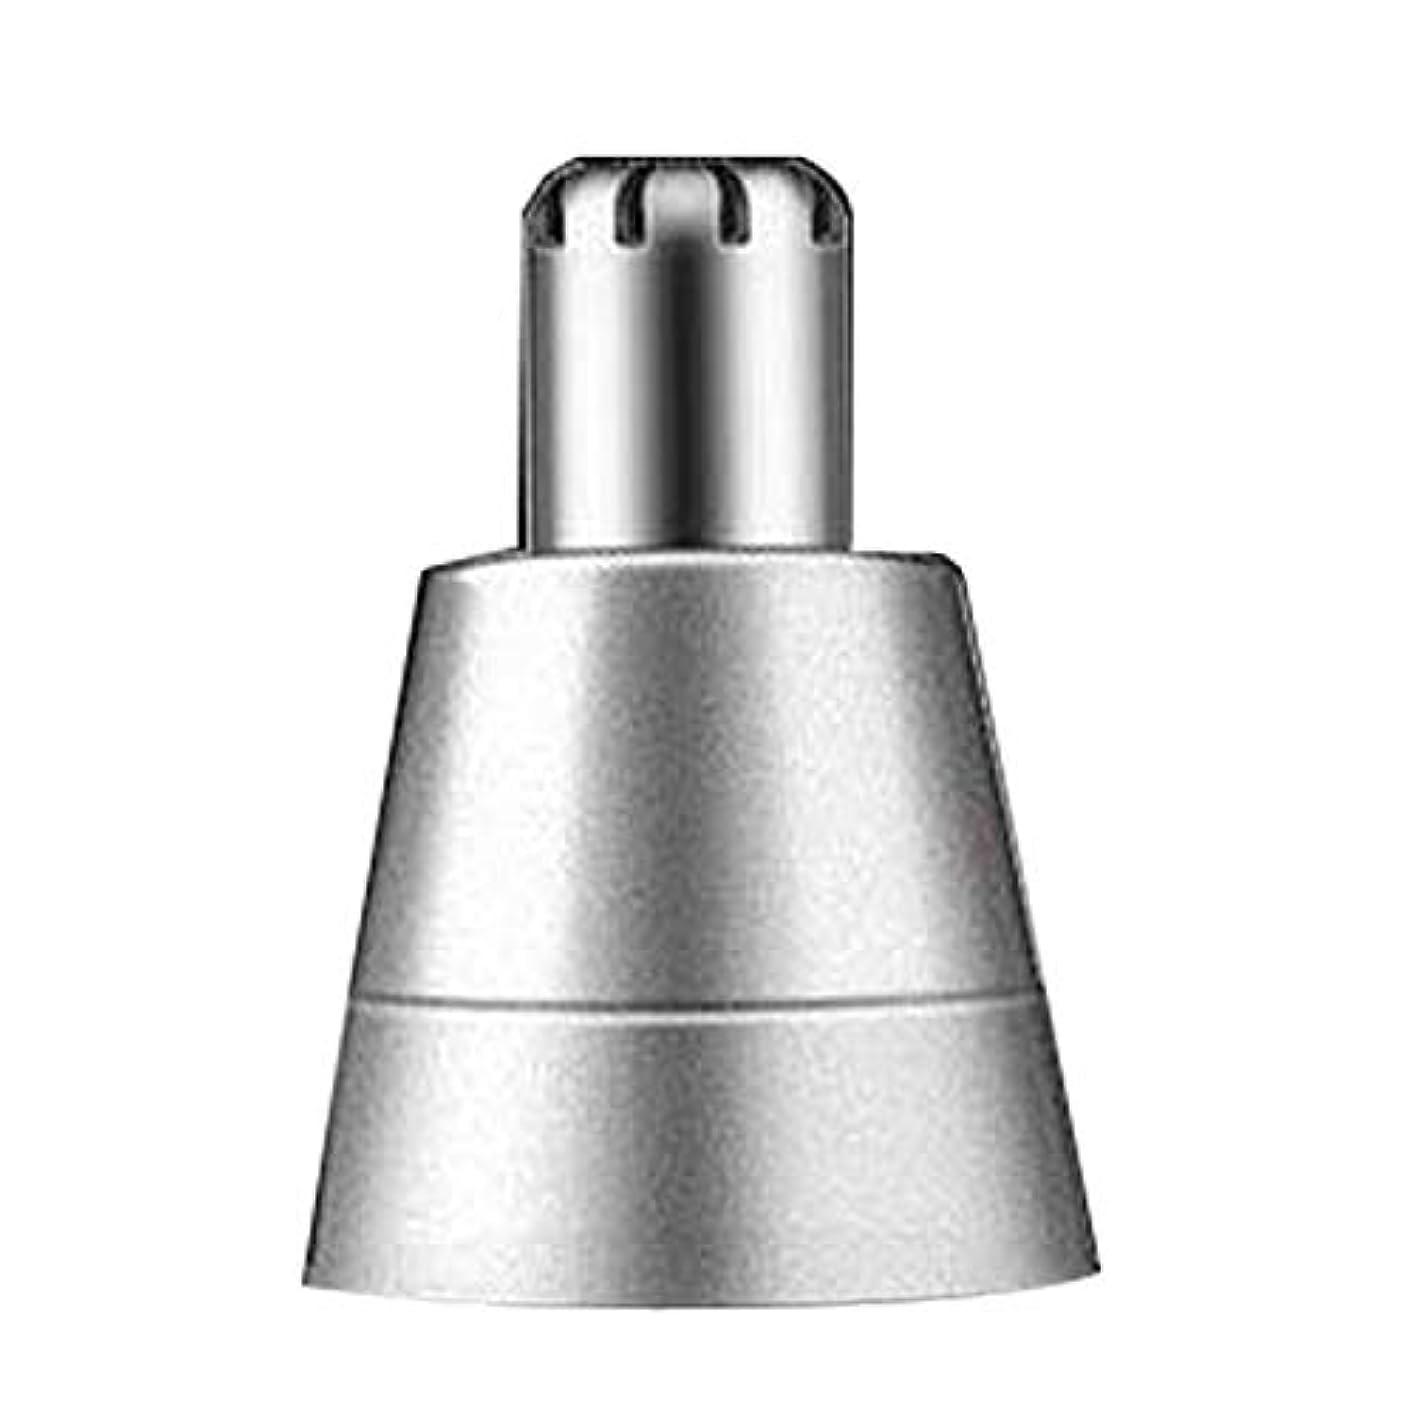 チャーミングシンポジウム不利Vellope エチケットカッター用替刃 NS-01